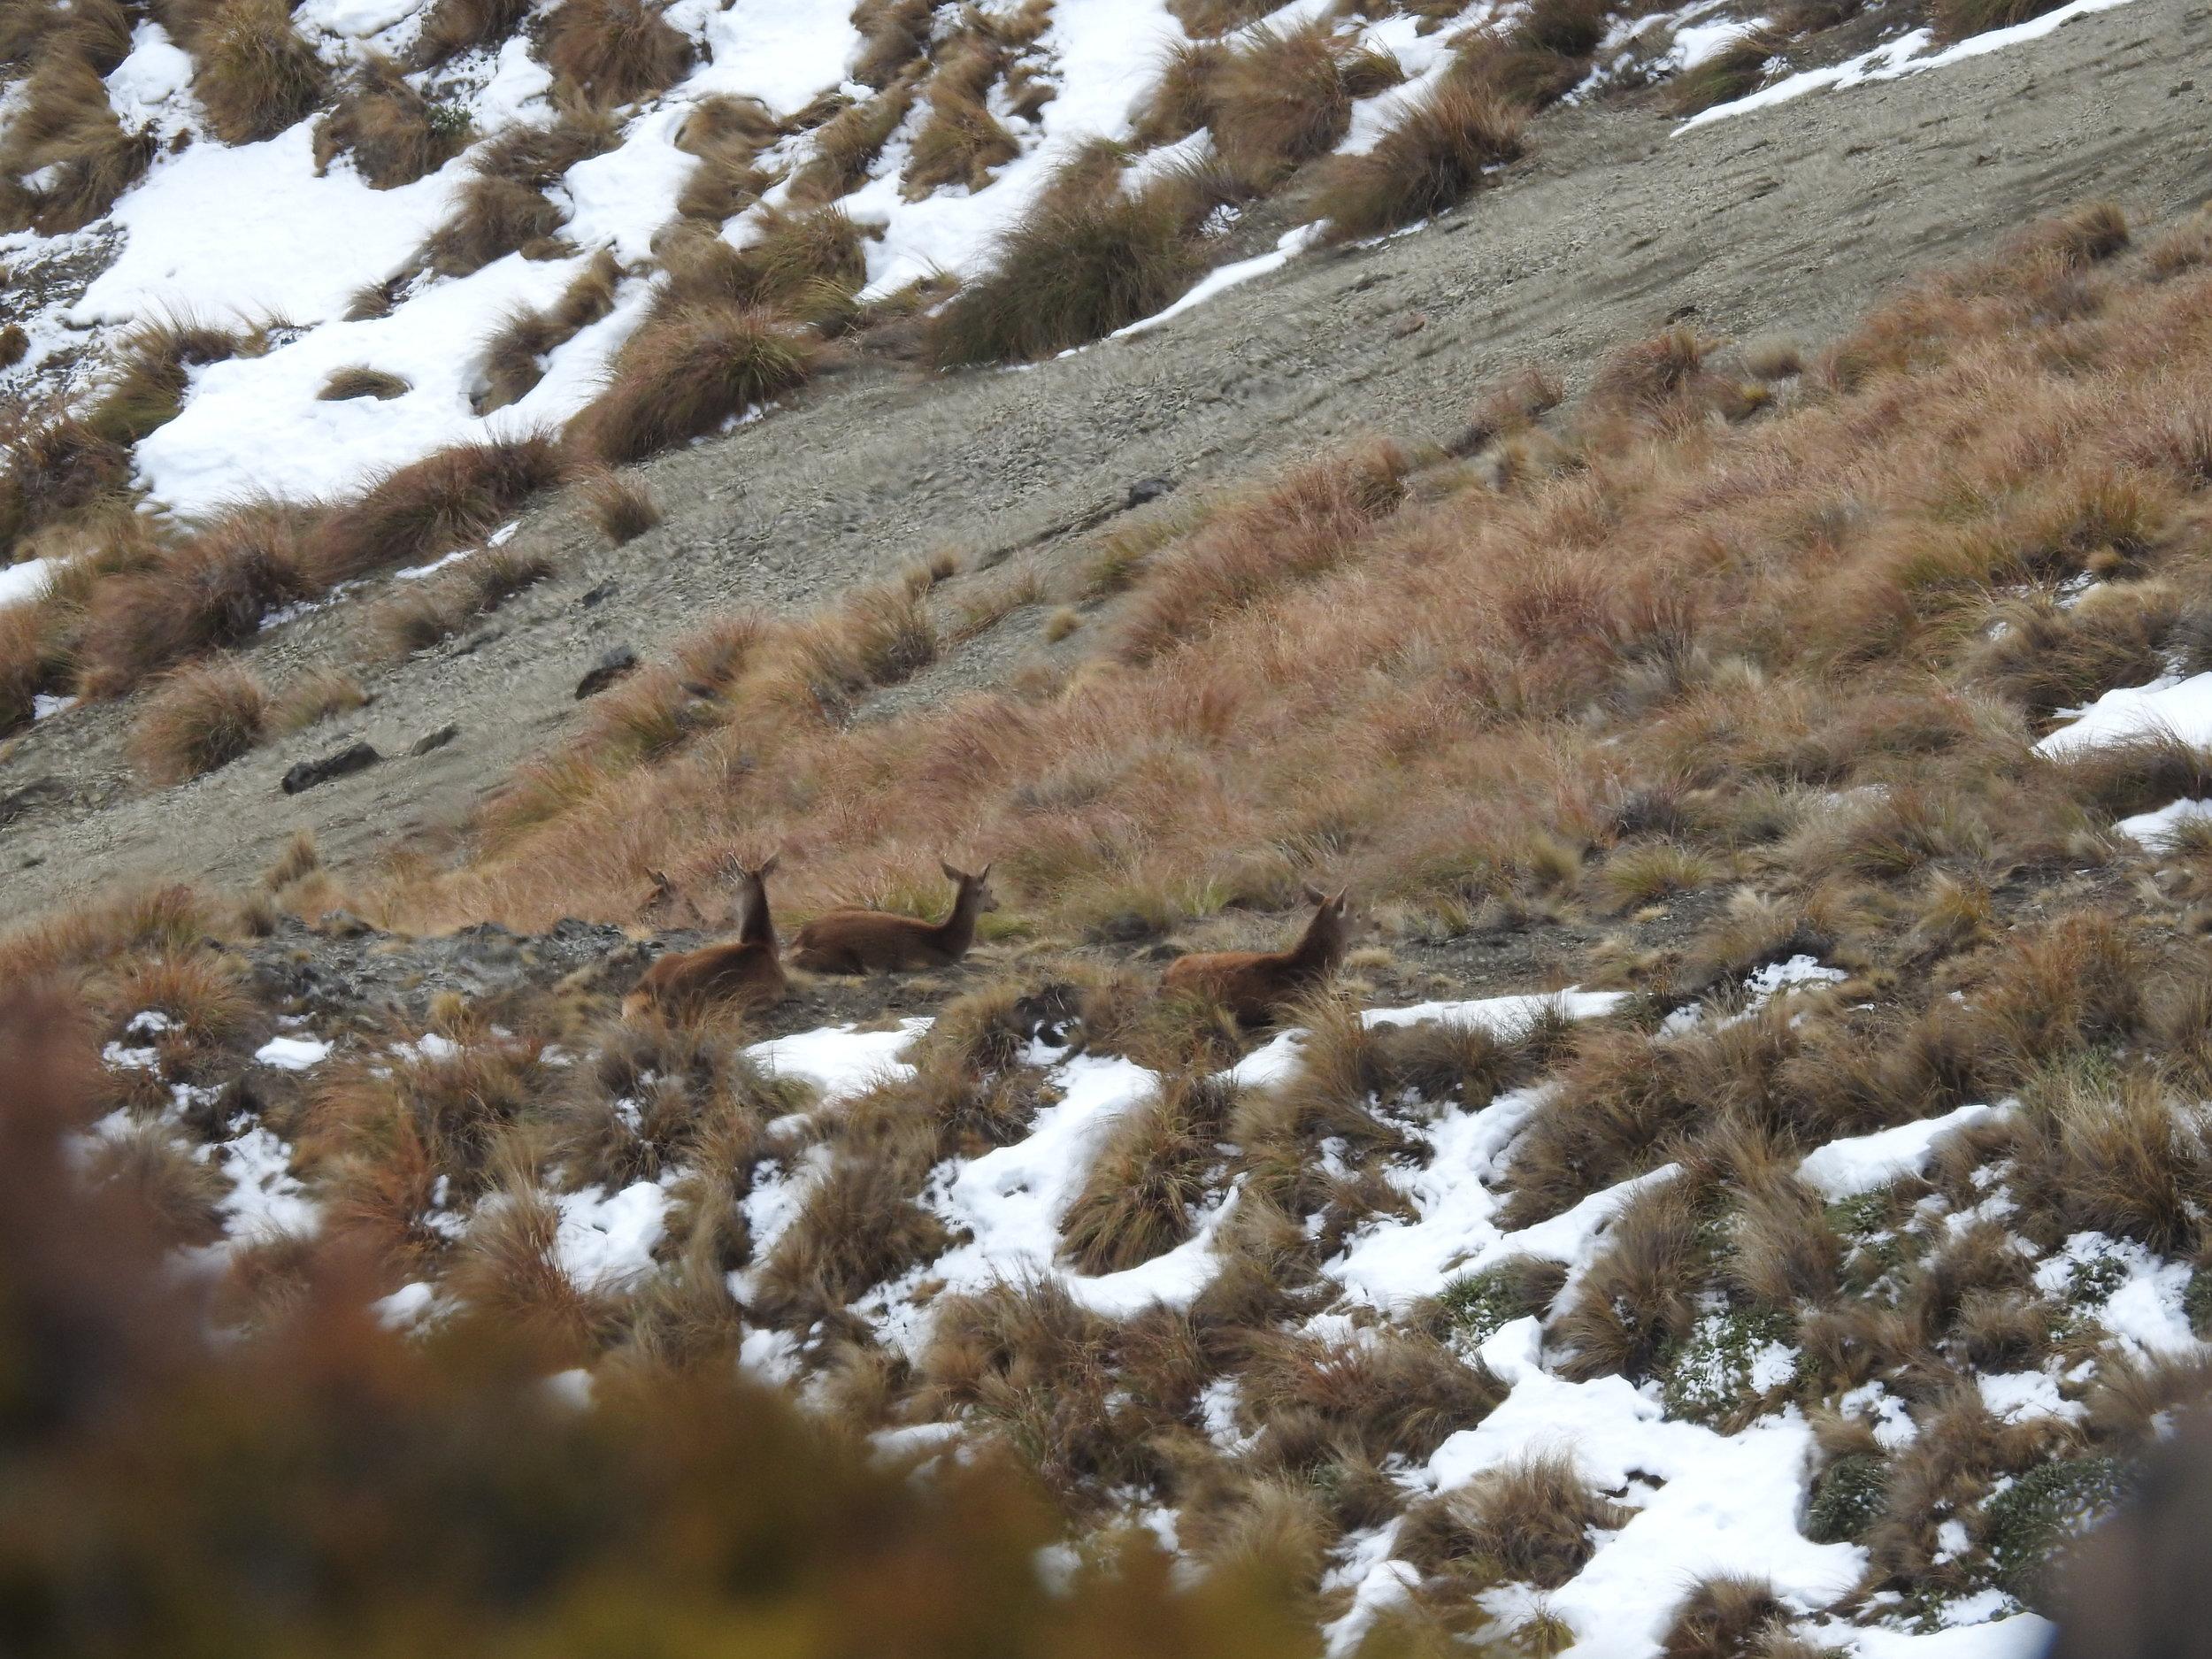 deer bedded down